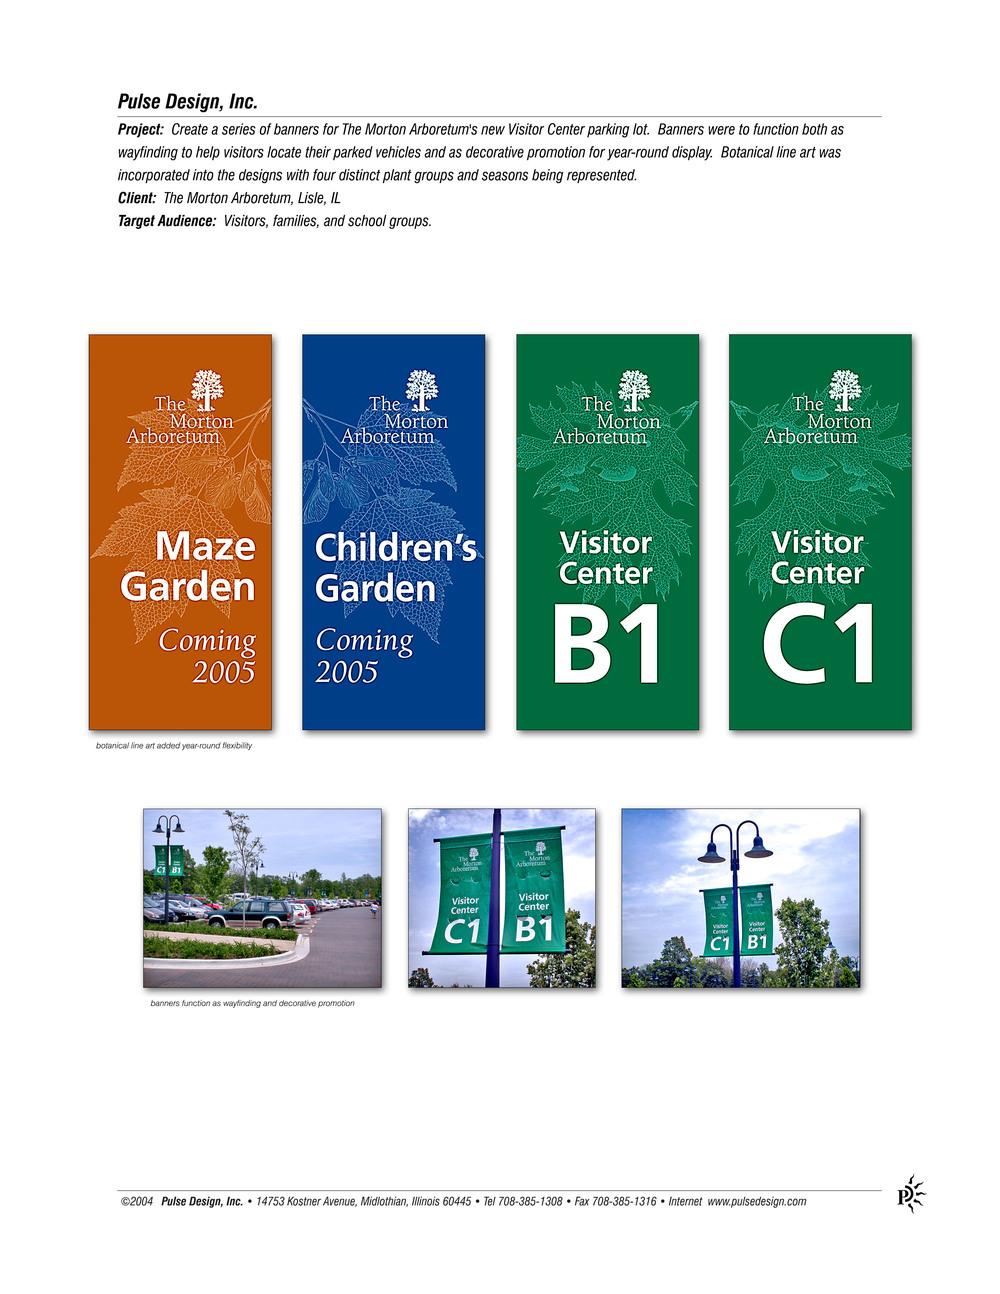 Morton-Arboretum-Banners-Pulse-Design-Inc.jpg